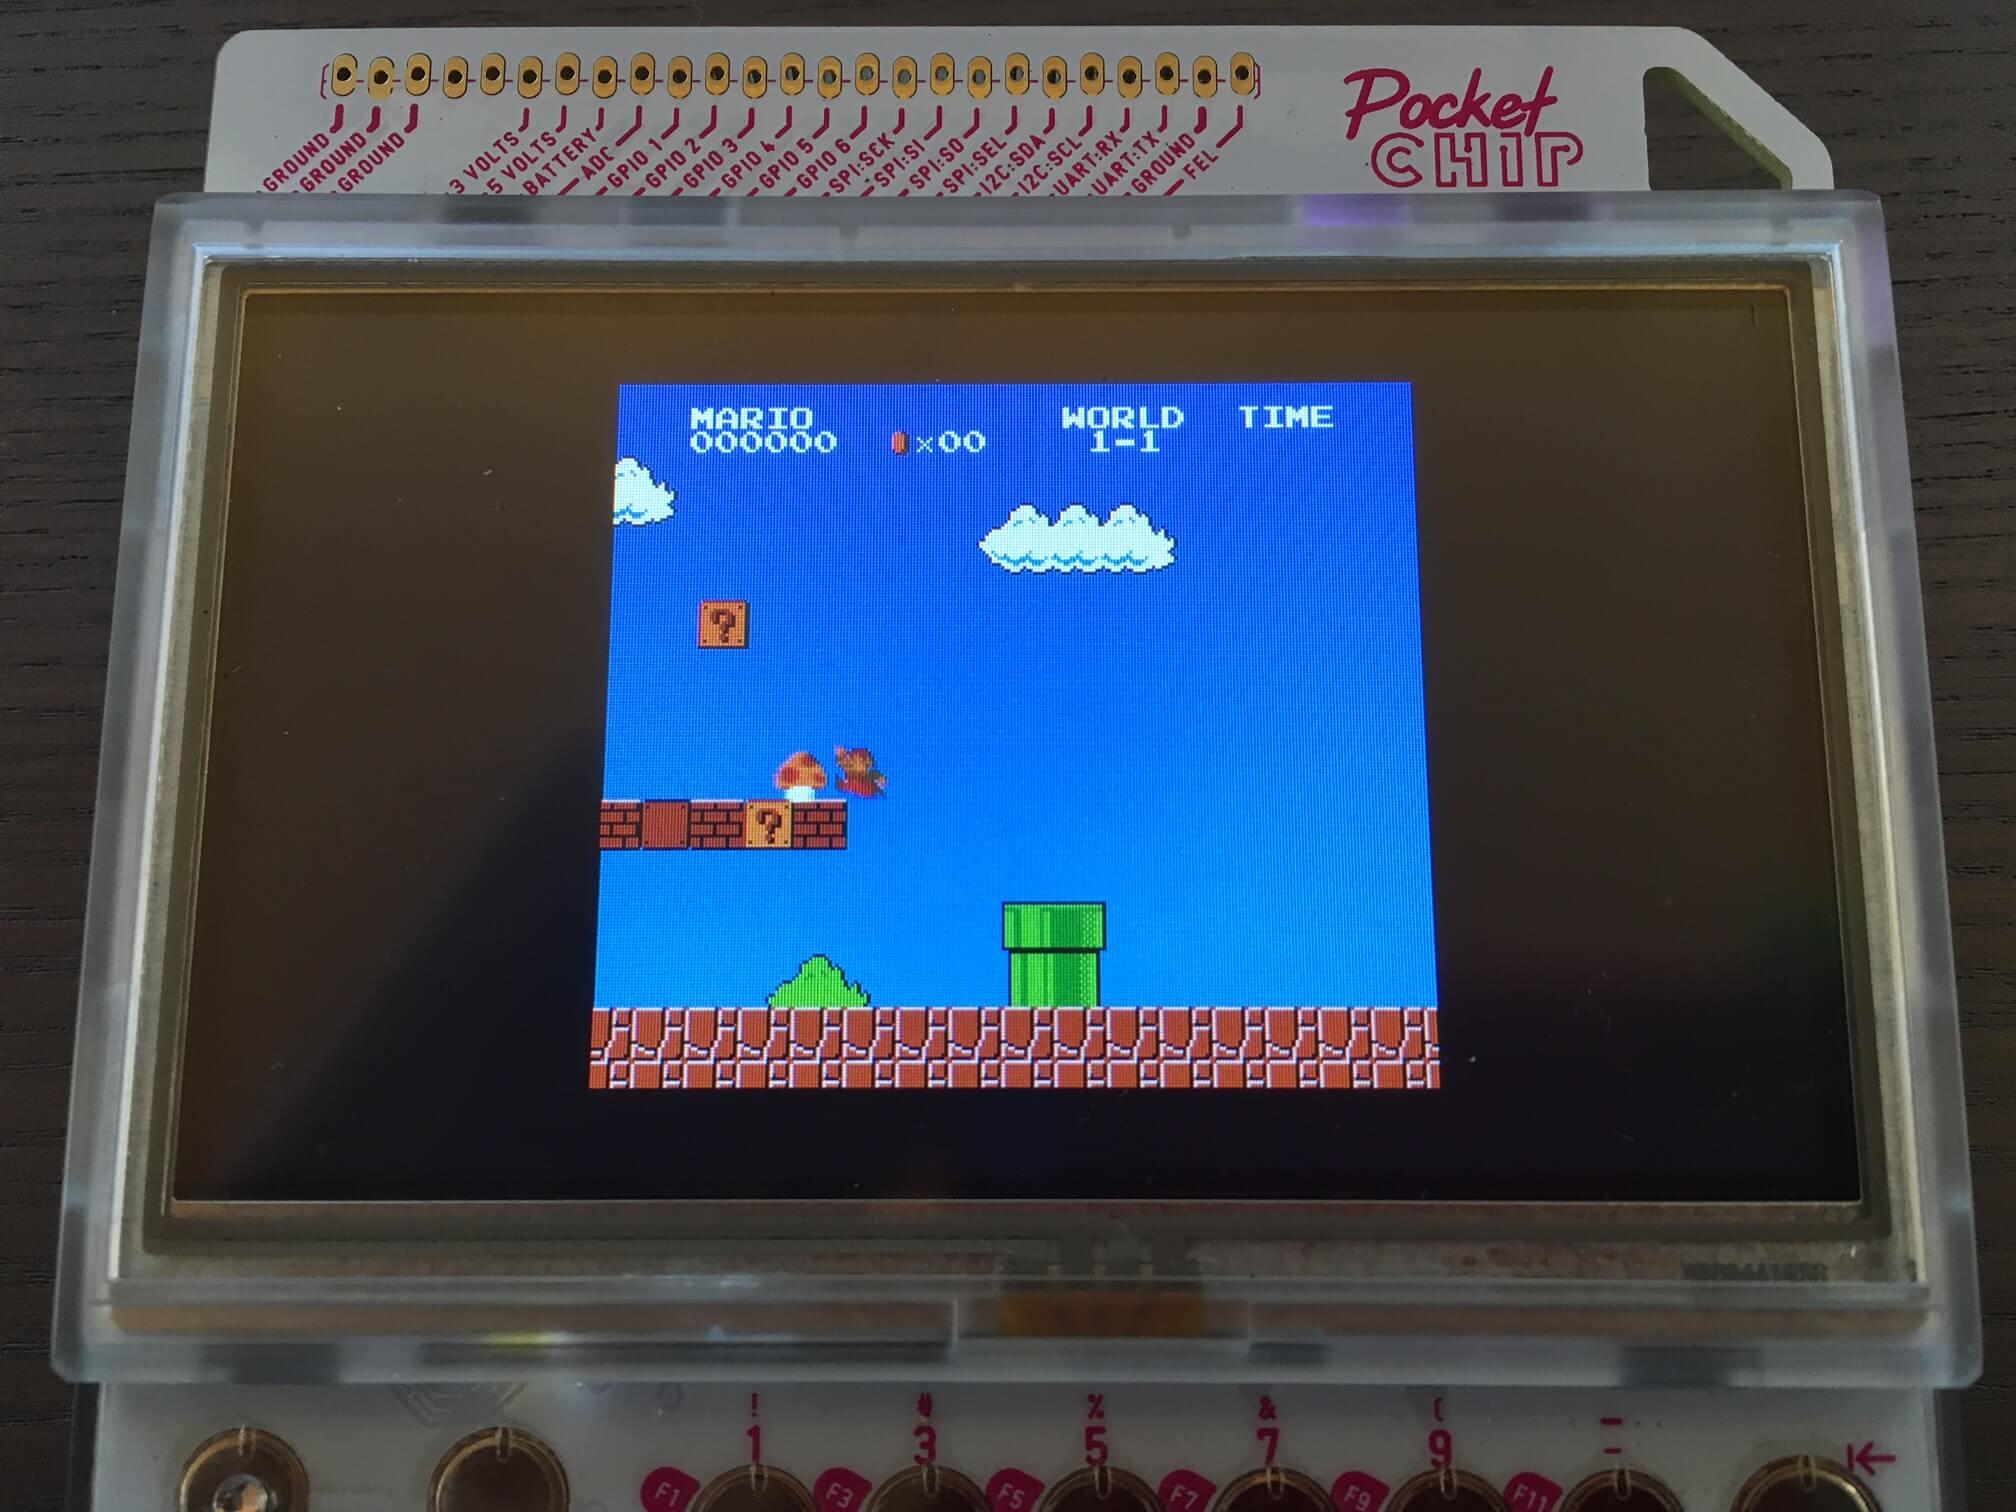 FCEUX NES Emulator running on PocketCHIP